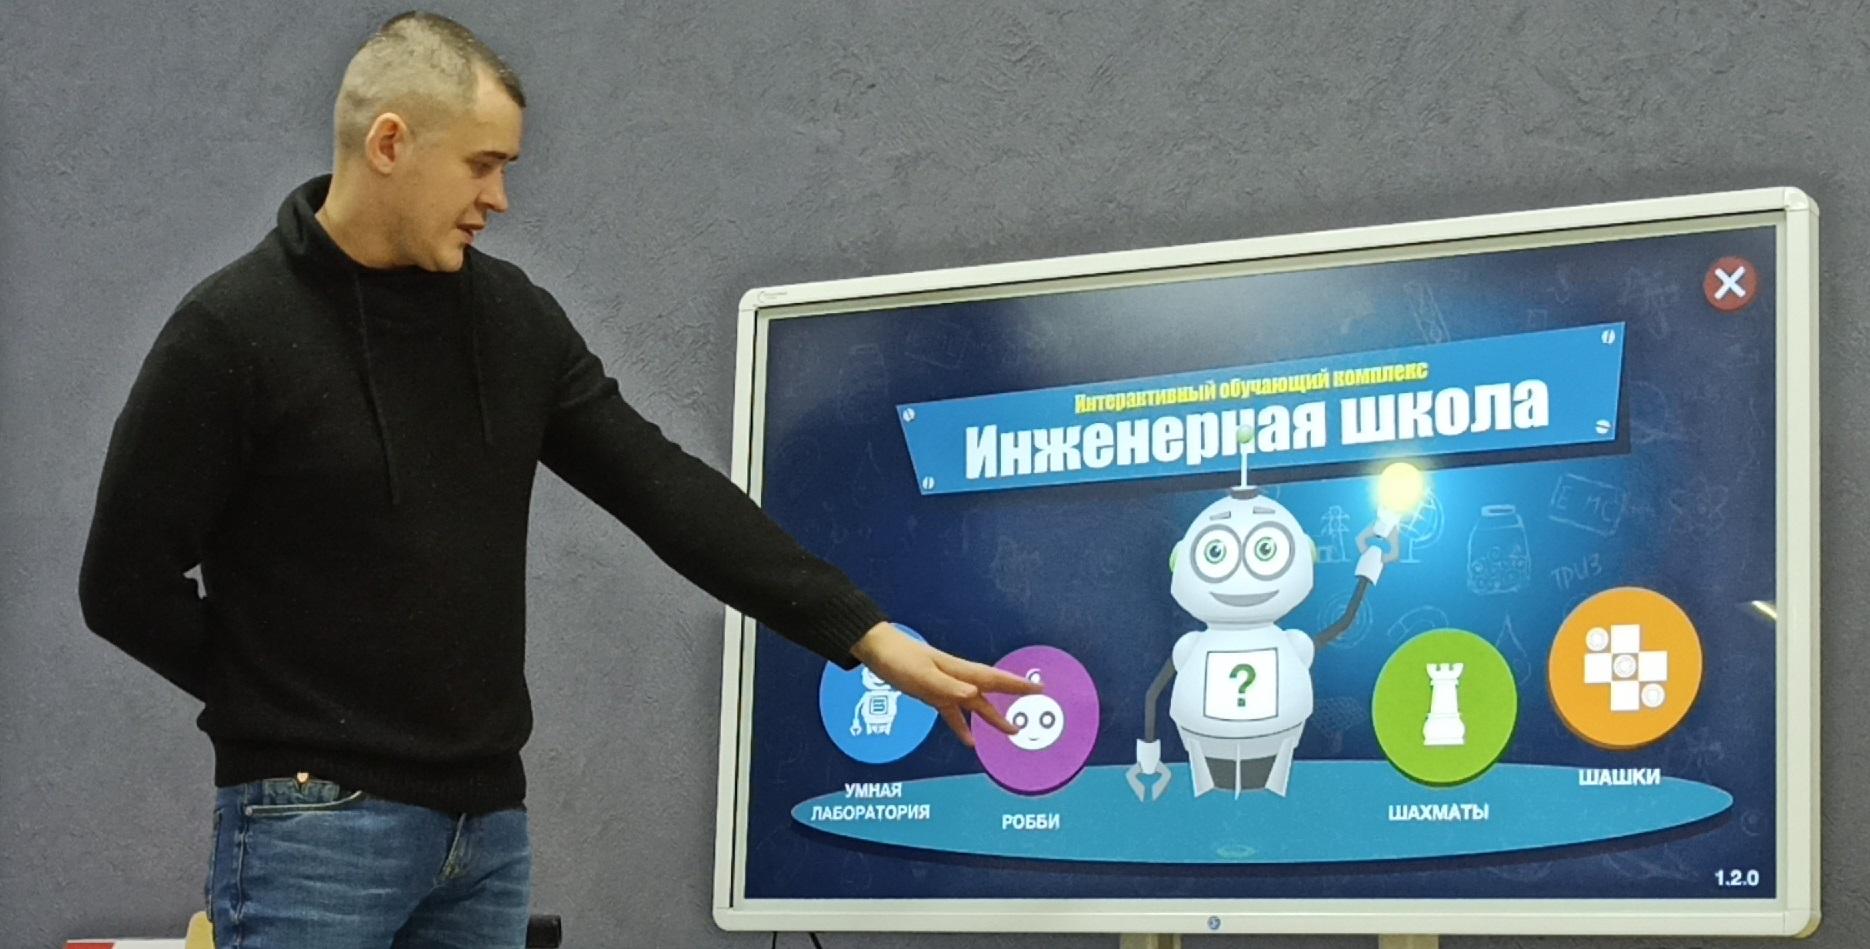 Мастер-класс из Екатеринбурга